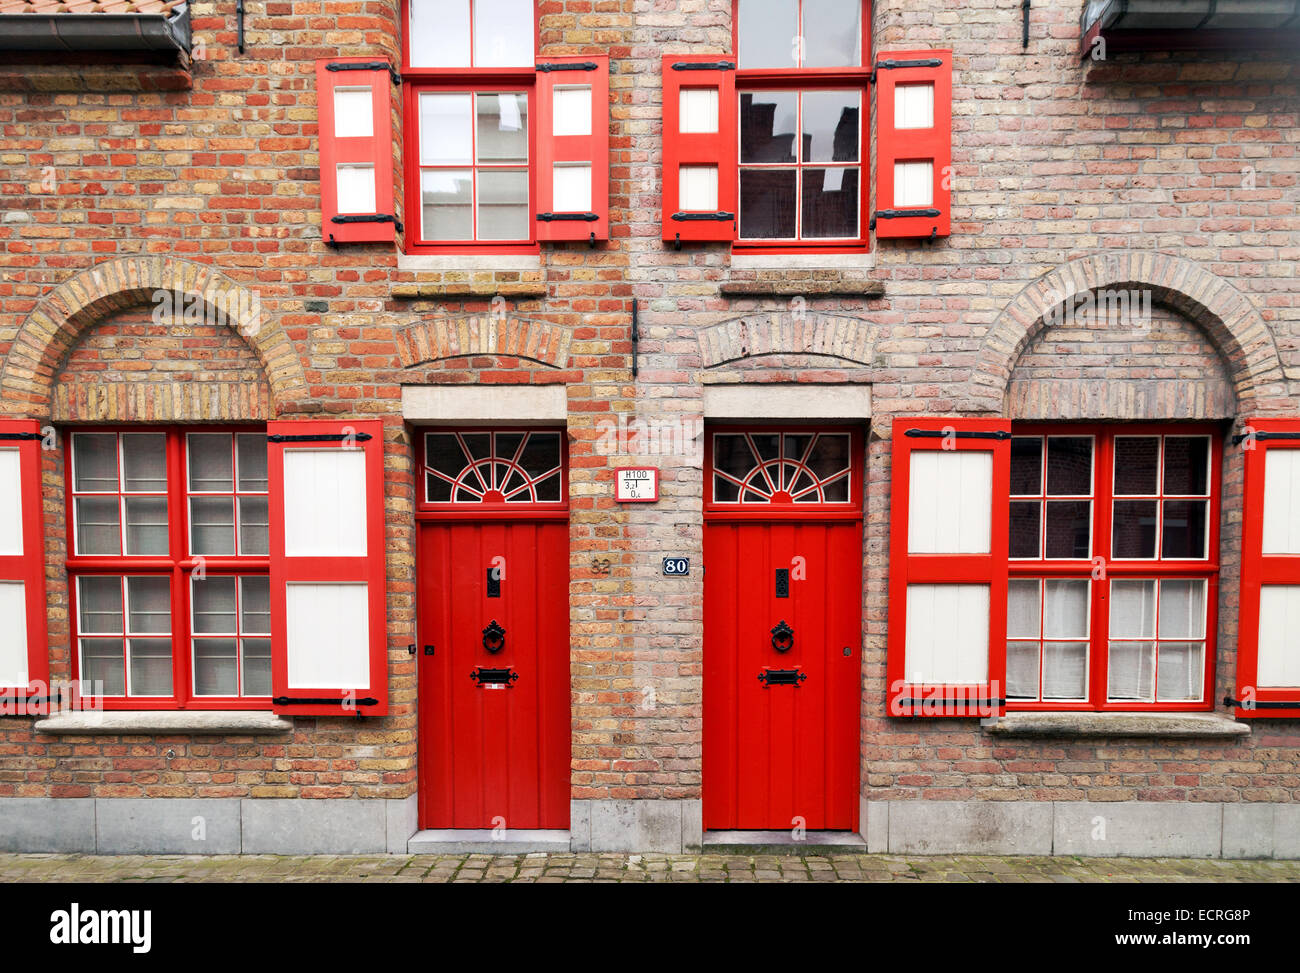 Zwei rote Reihenhäuser in Brügge, Belgien, Europa, Begriff der Symmetrie oder Reflexion Stockbild